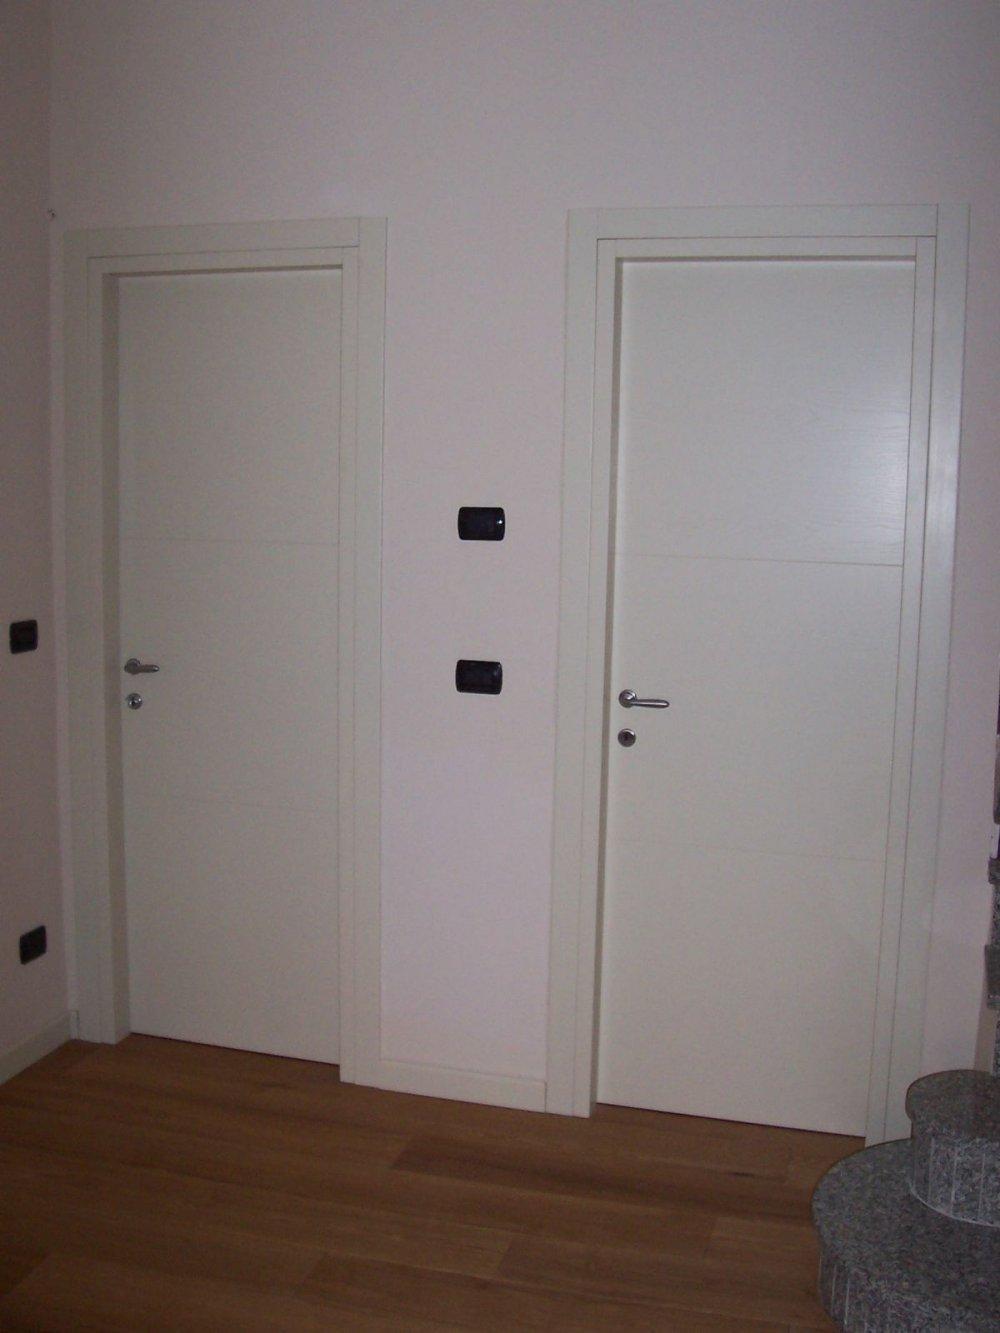 Porte interne legno alluminio pvc alfa falegnameria travagliato brescia - Tipi di porte interne ...